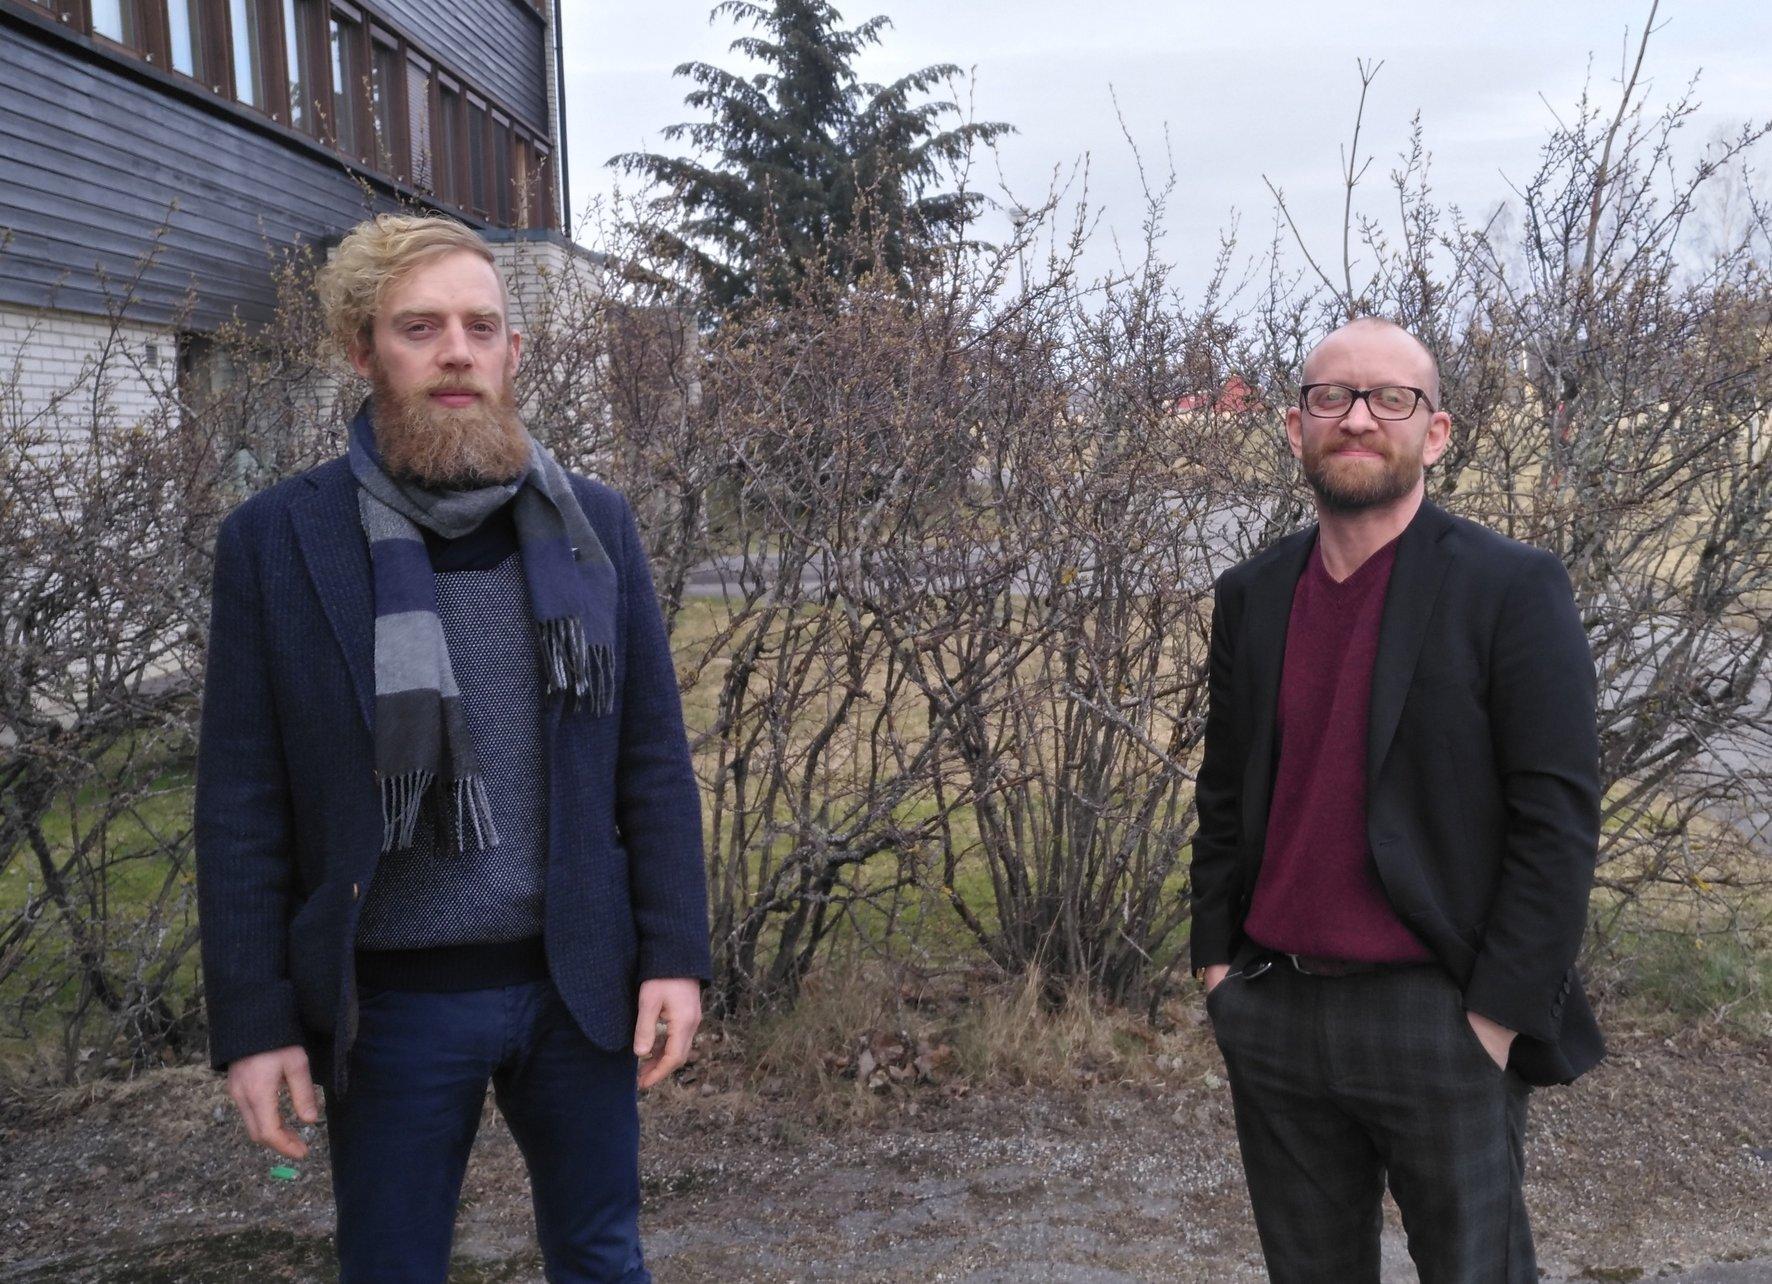 Olav Weng - kommunalsjef HOS - Aksel I. Edgar-Lund - kommunikasjonskons. - Enebakk kommune webvennlig.jpg